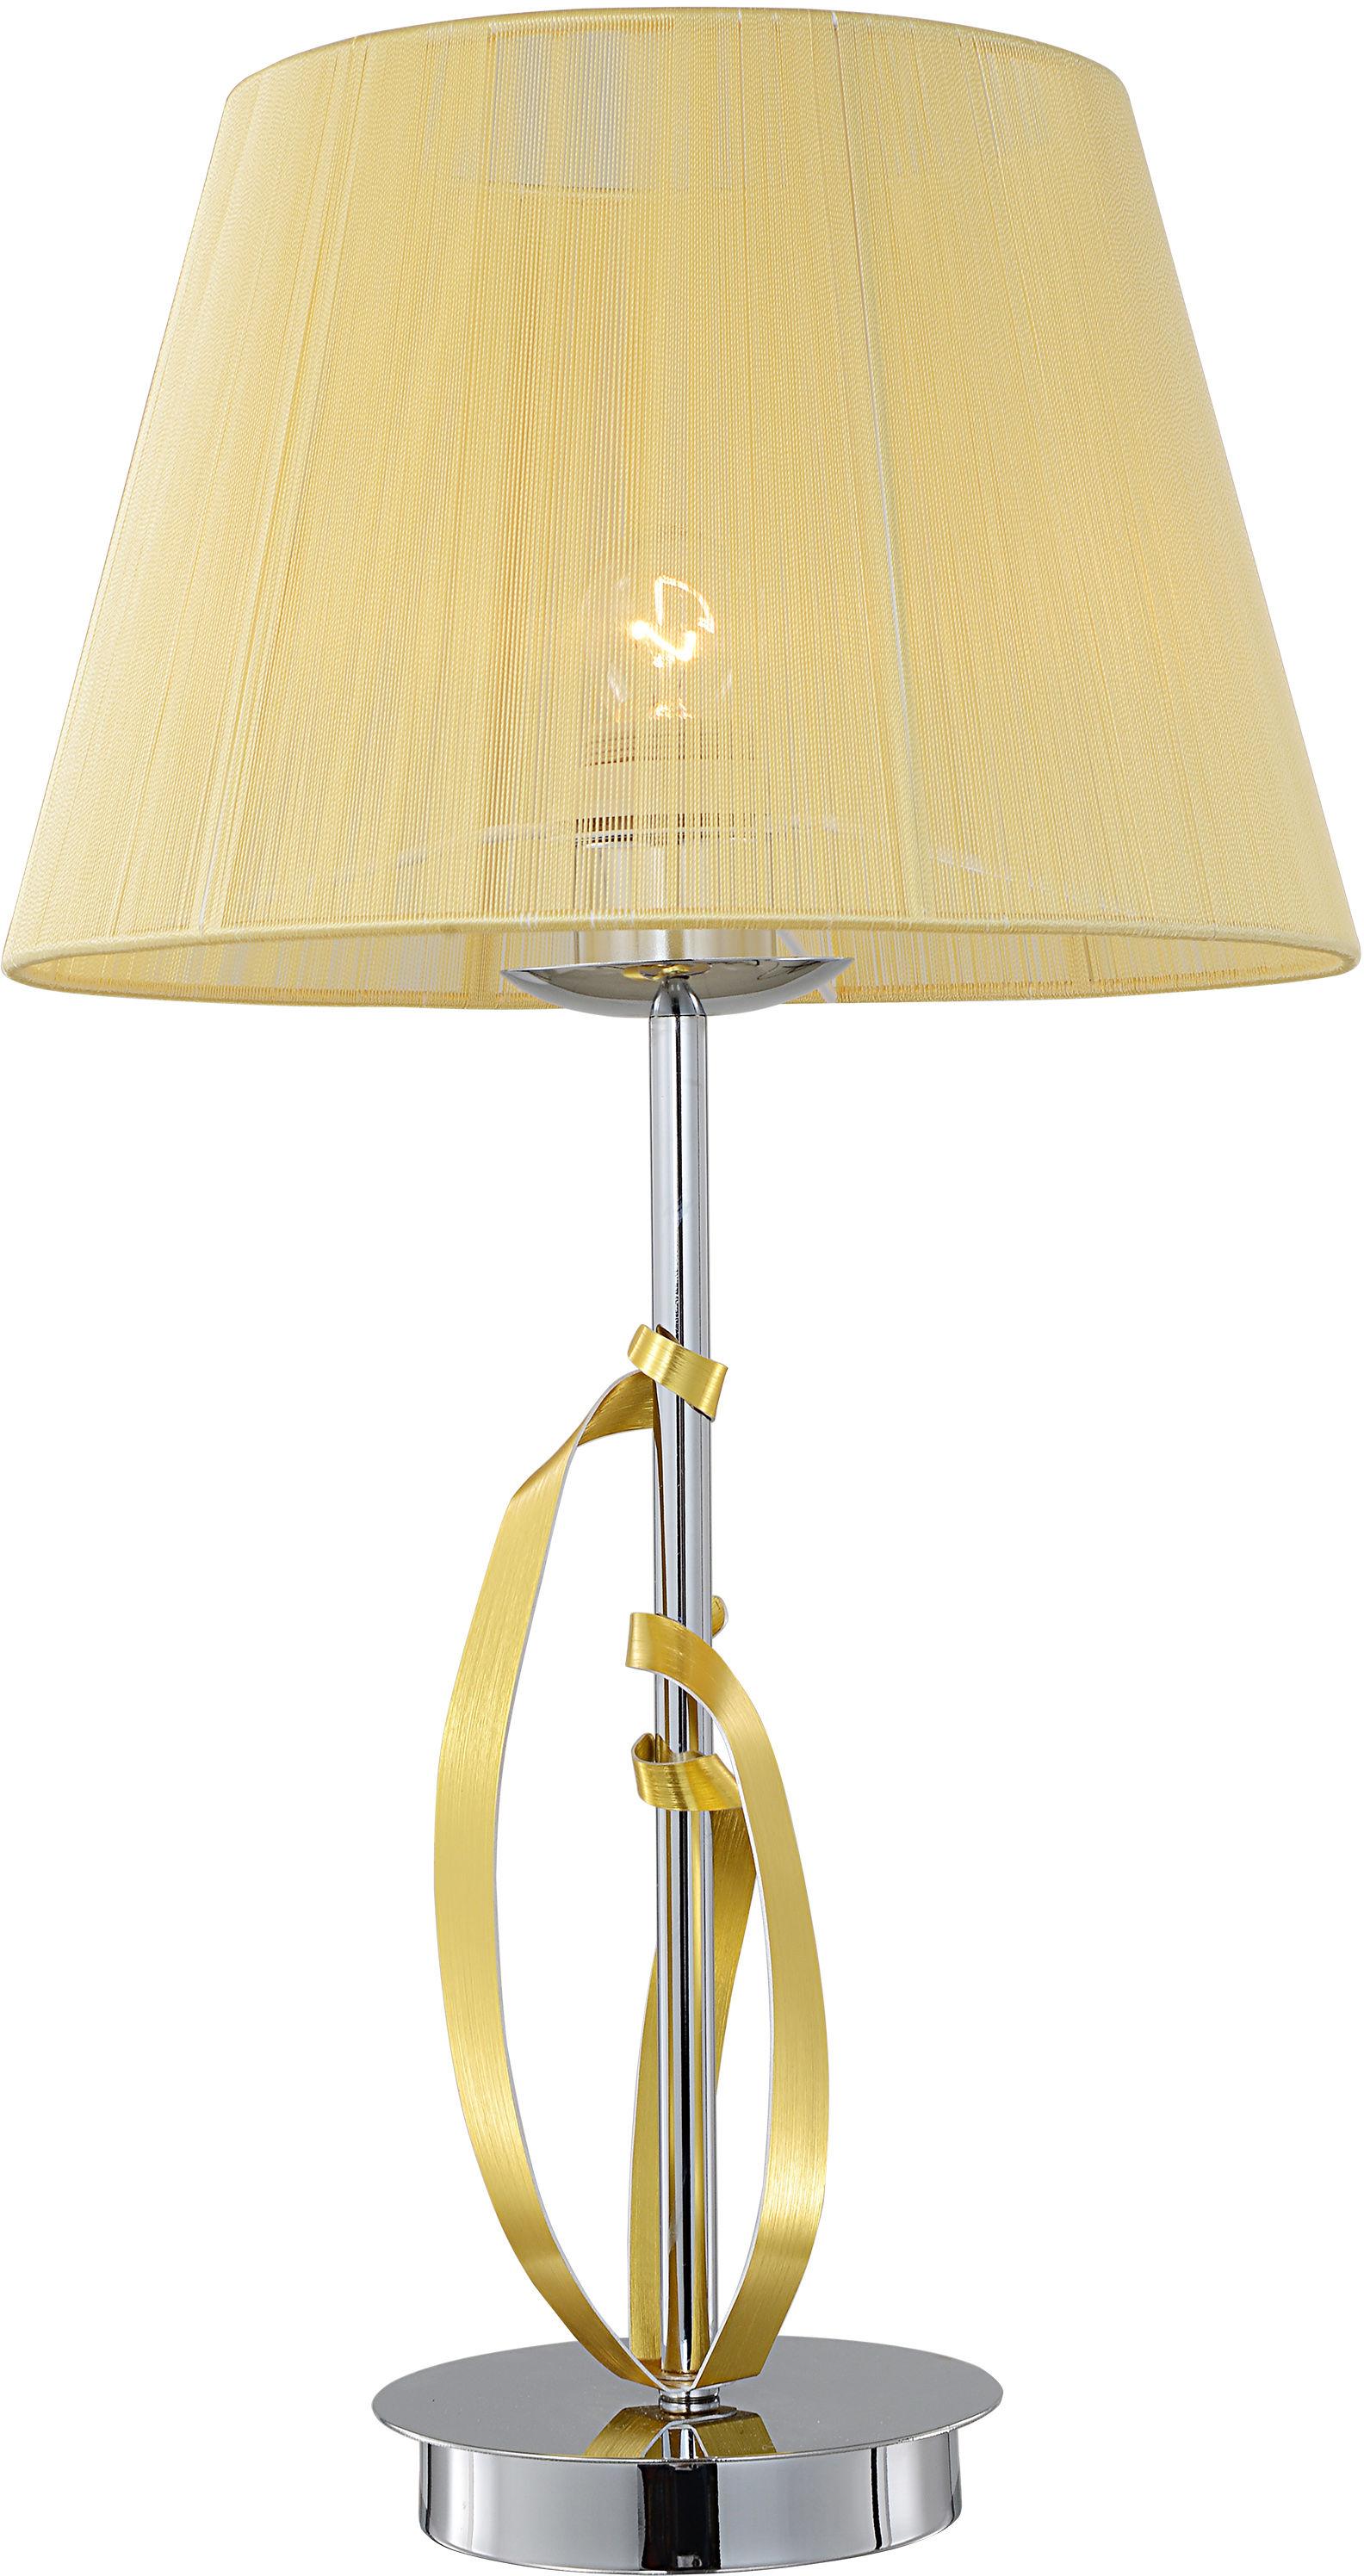 Candellux DIVA 41-55071 lampa stołowa chrom abażur złoty 1X60W E27 23cm